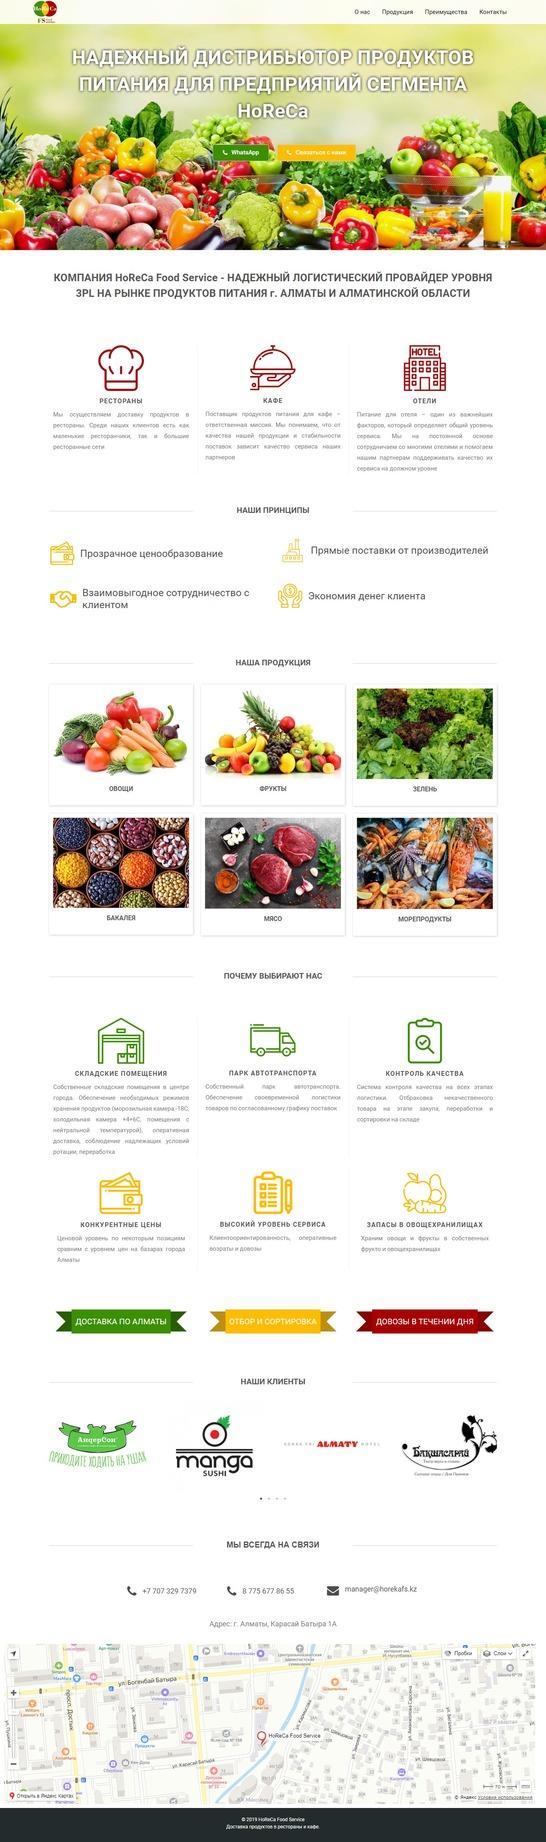 Сайт по доставке продуктов для HoReCa